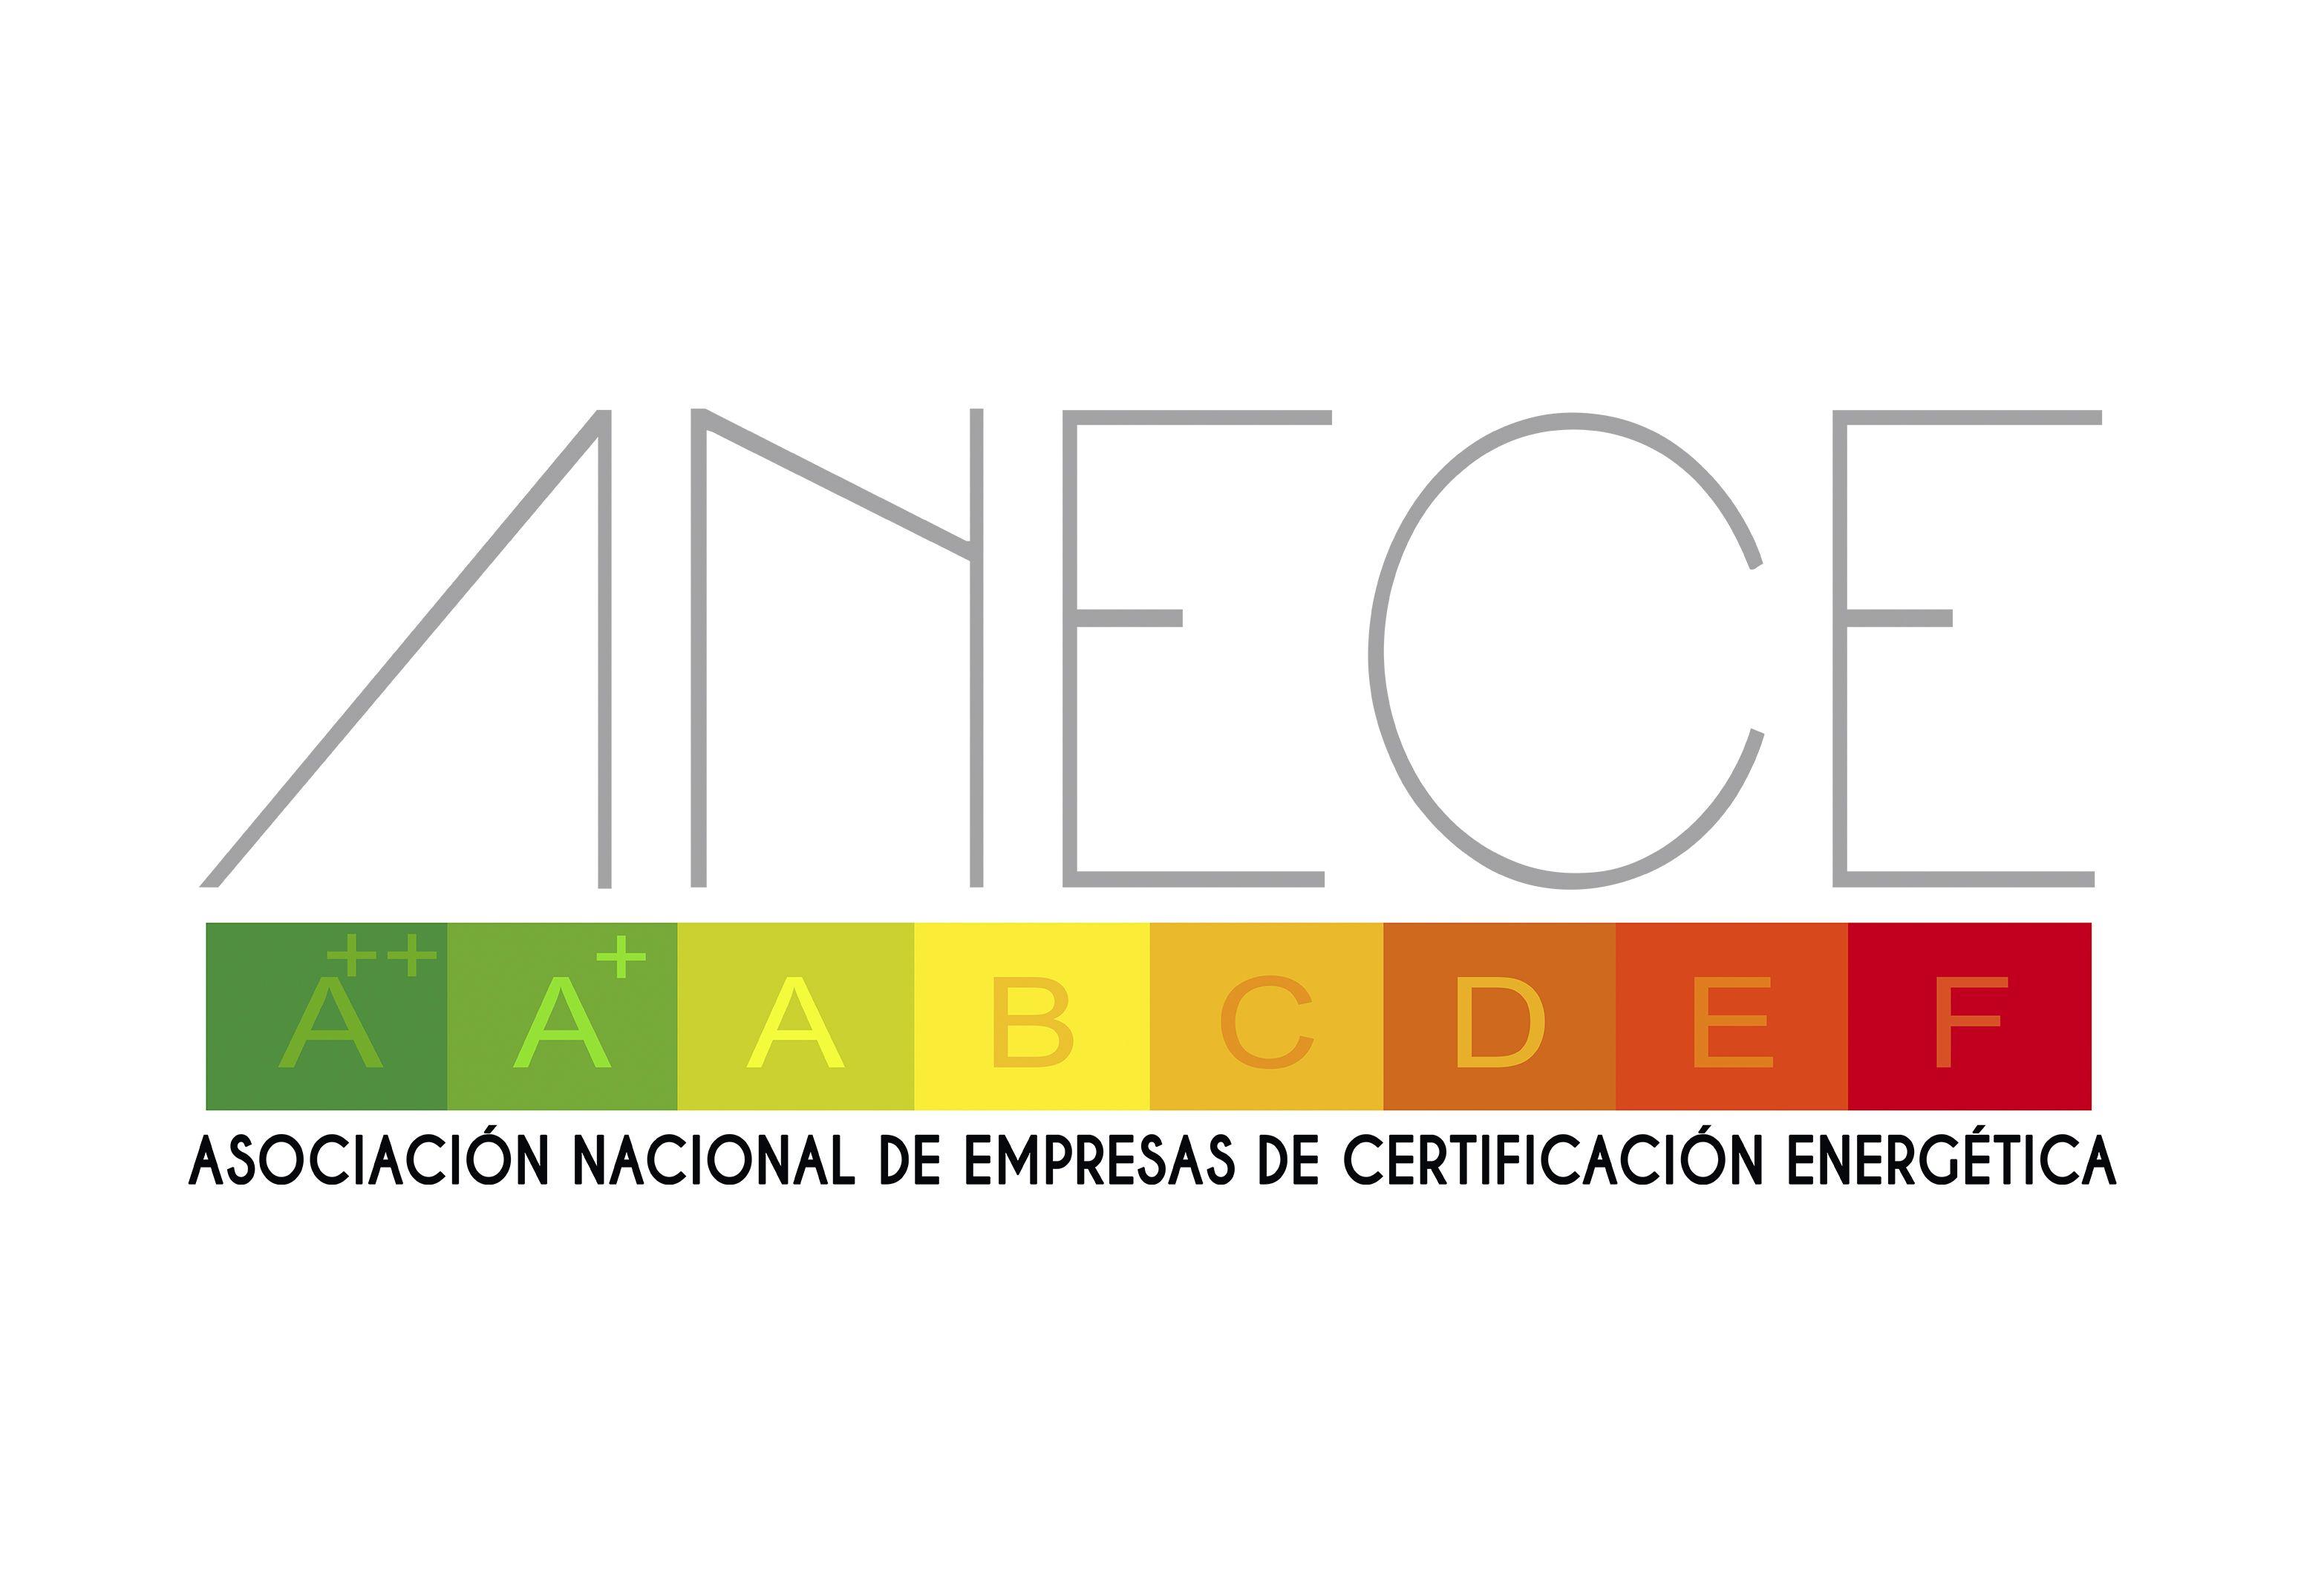 Anece Asociacion Nacional De Empresas De Certificacion Energetica